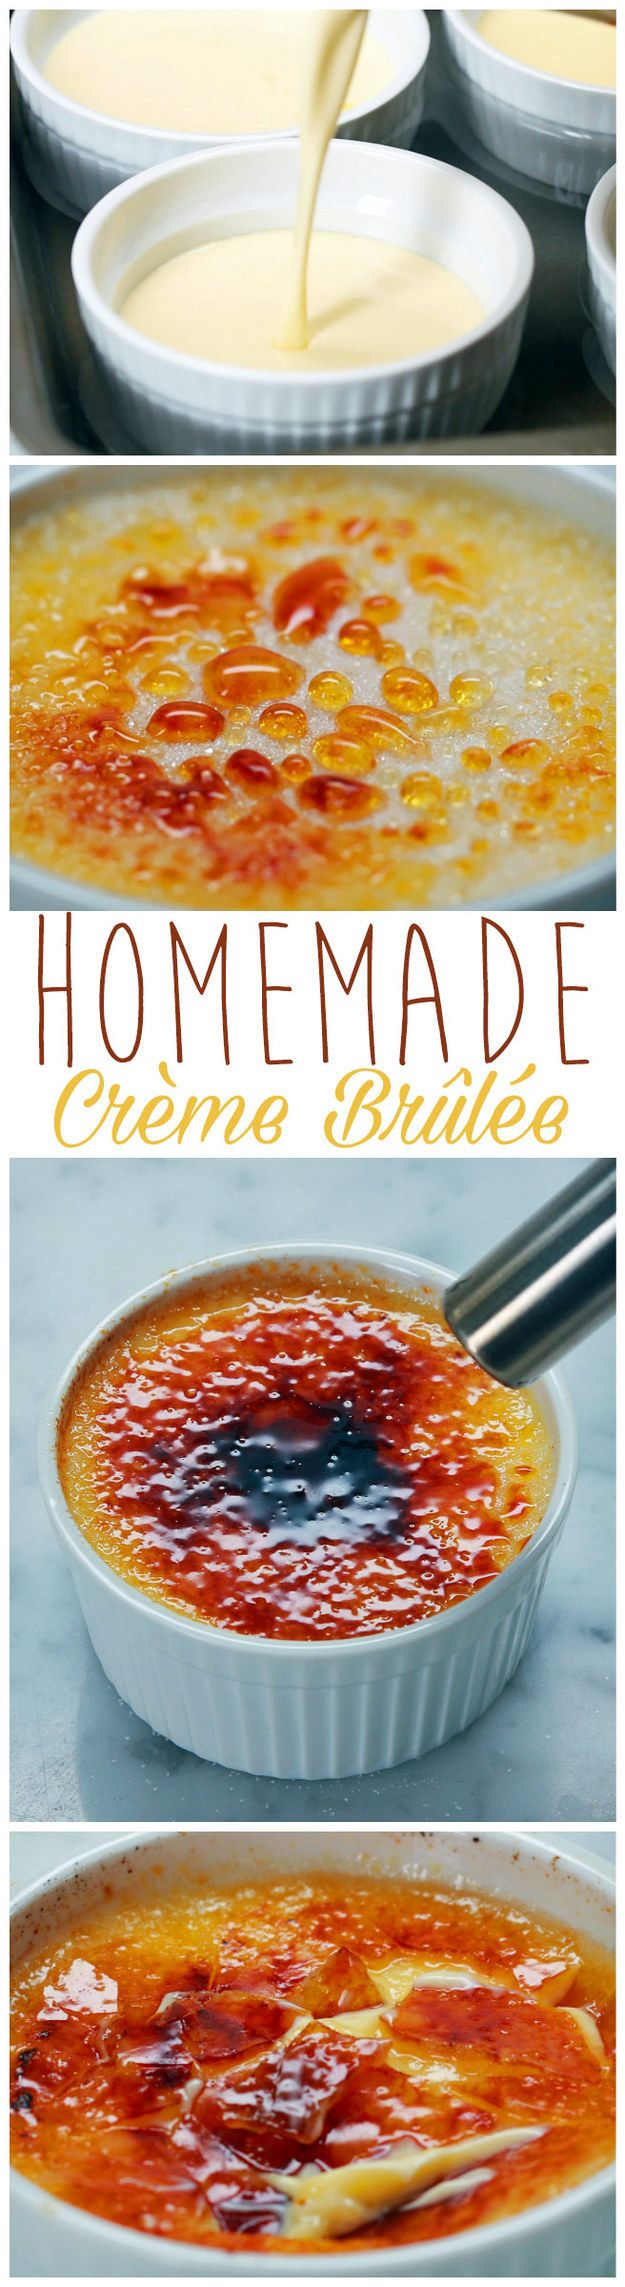 Homemade Crème Brûlée Recipe by Tasty